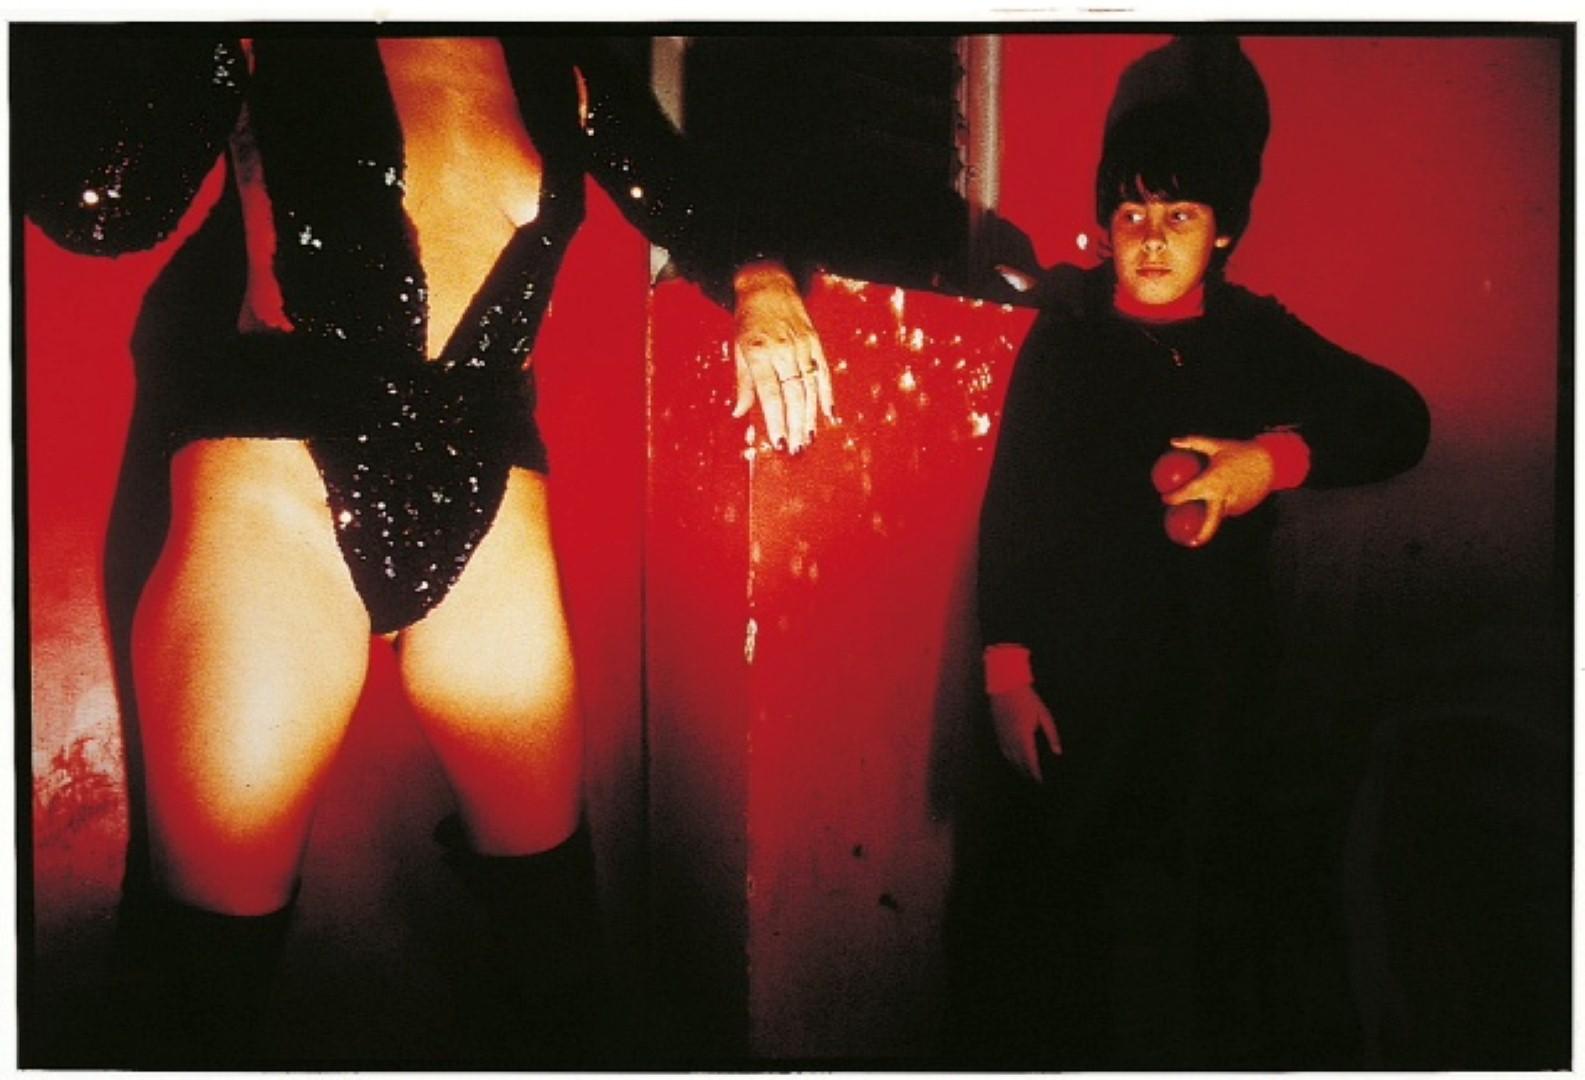 חשפנית ובנה - מאת מיכה קירשנר (מתוך אוסף מוזיאון תל אביב לאמנות)